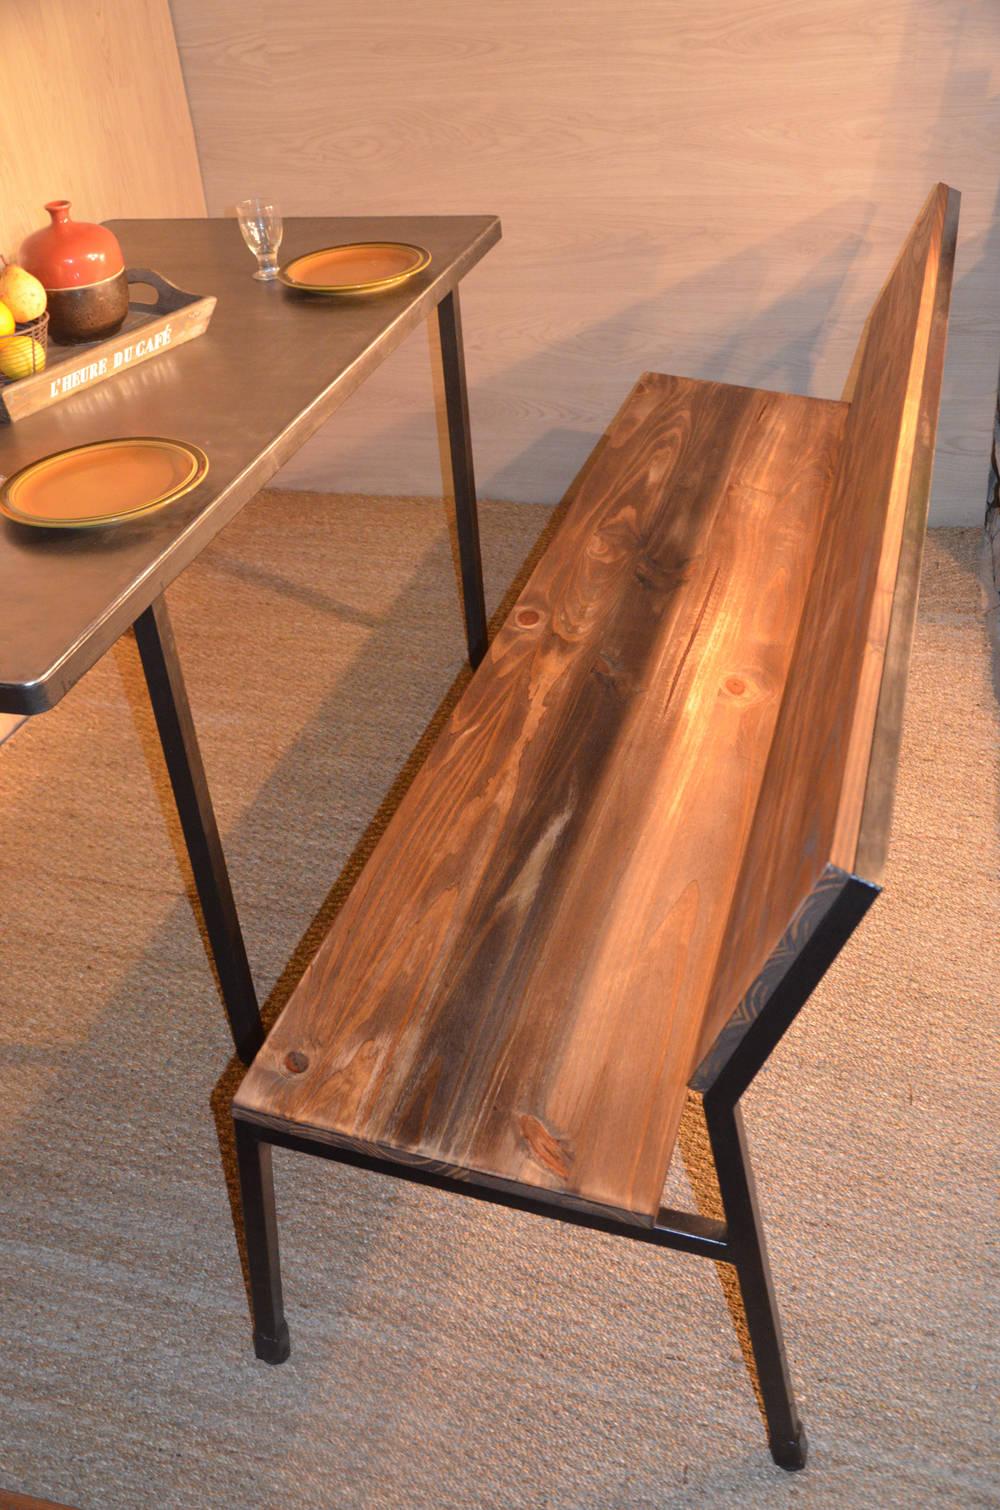 Assises chaises bancs tabourets par hewel mobilier homify - Banc pour salle a manger ...